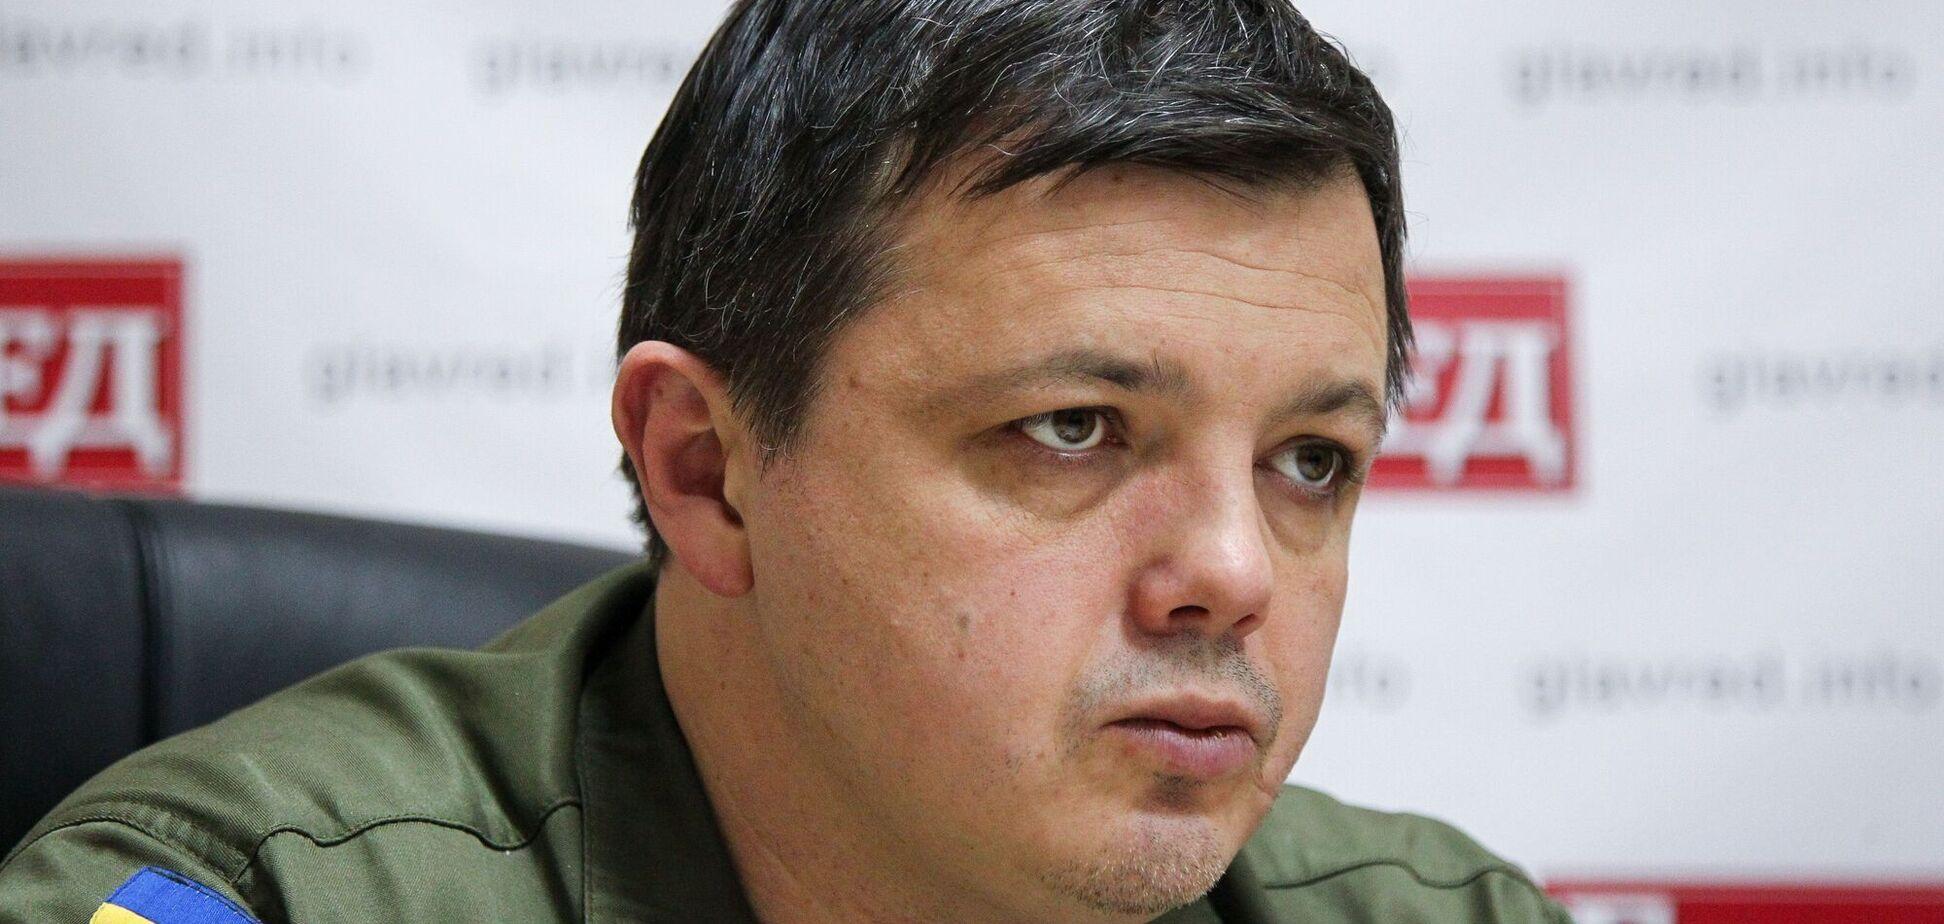 Семенченко вручили подозрение в организации теракта на телеканале